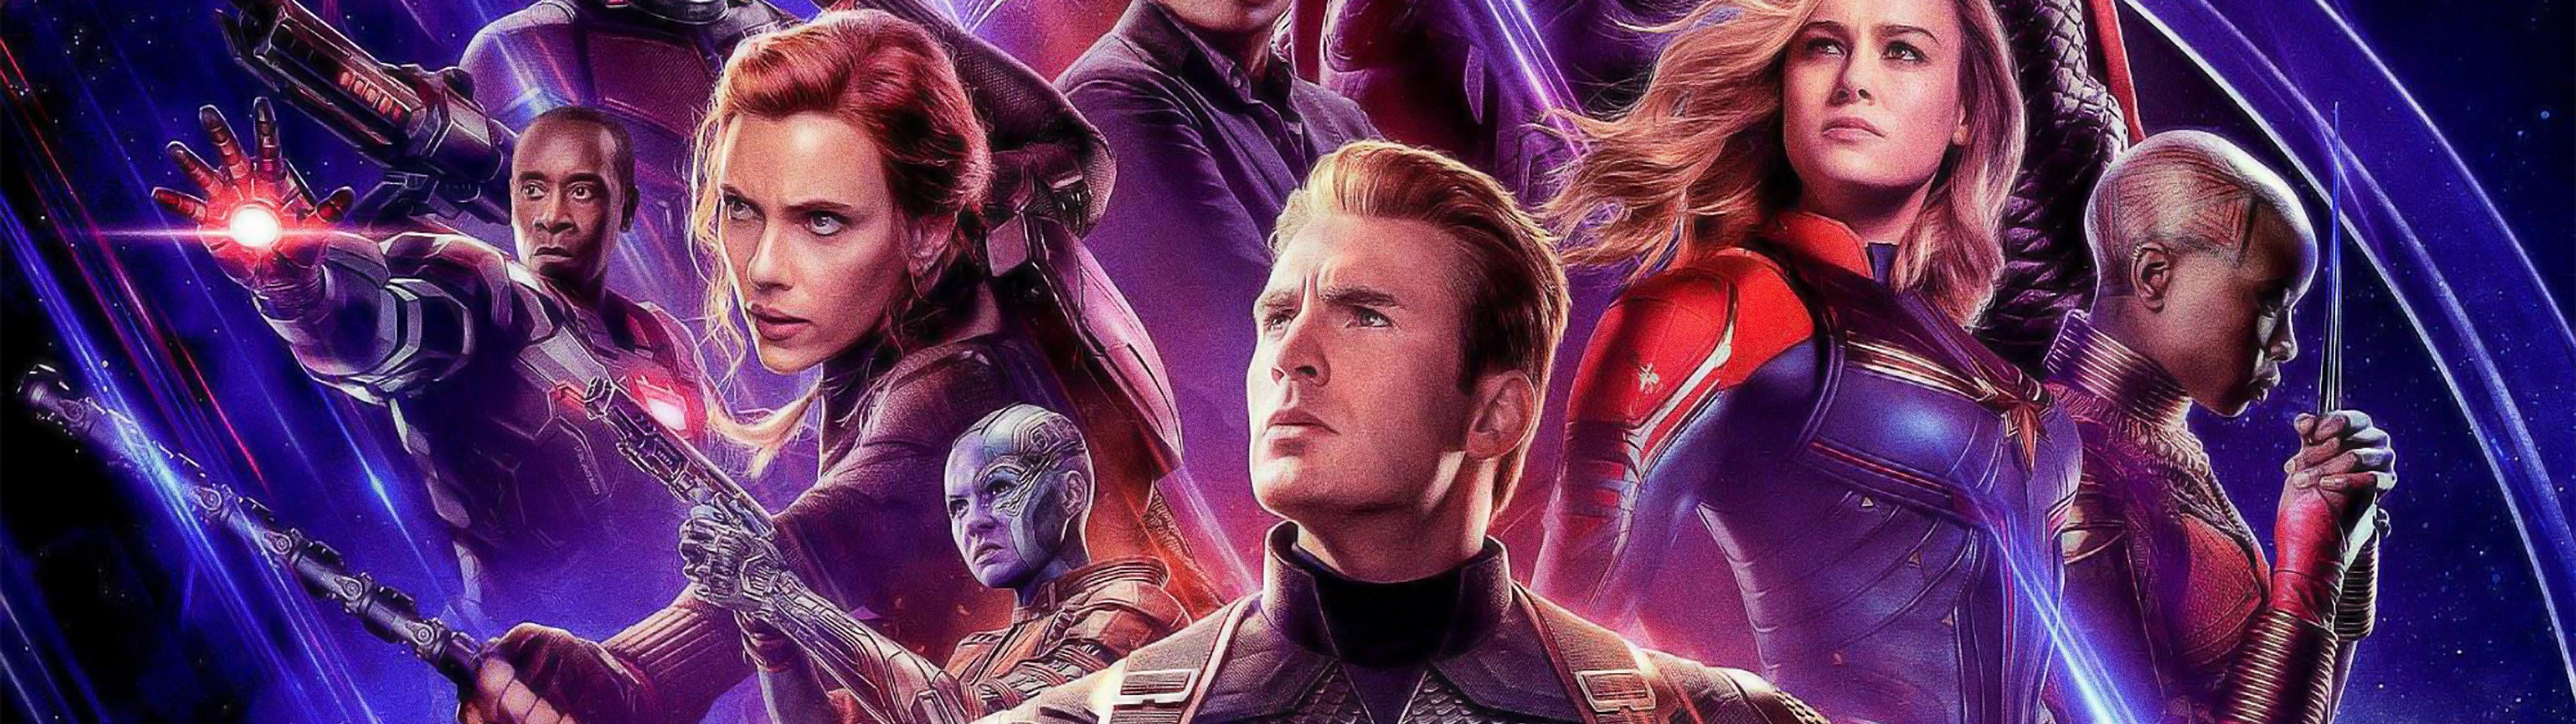 Avengers Endgame Cast 4k Wallpaper 37